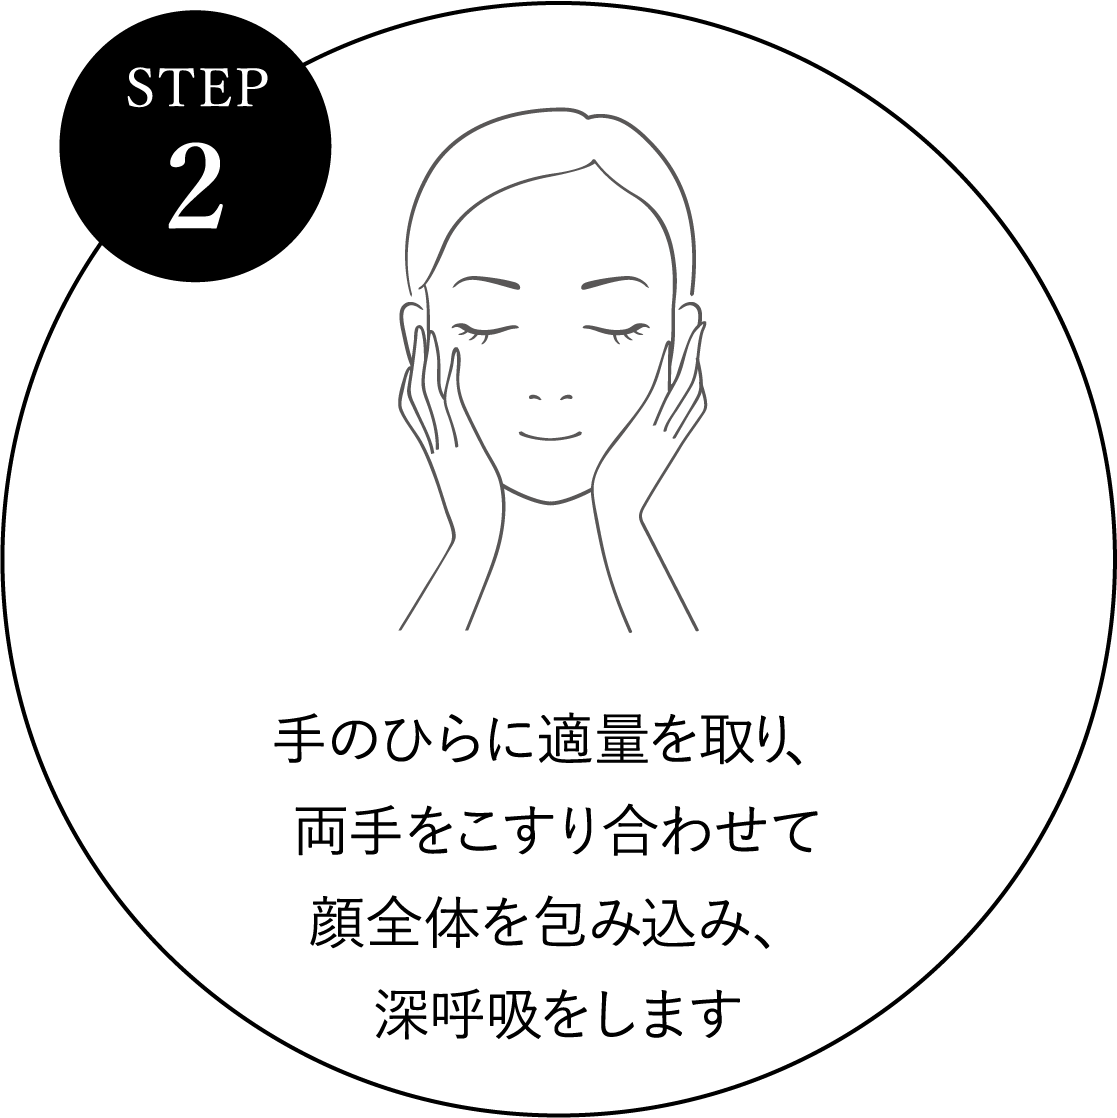 STEP 2 手のひらに適量を取り、両手をこすり合わせて顔全体を包み込み、深呼吸をします